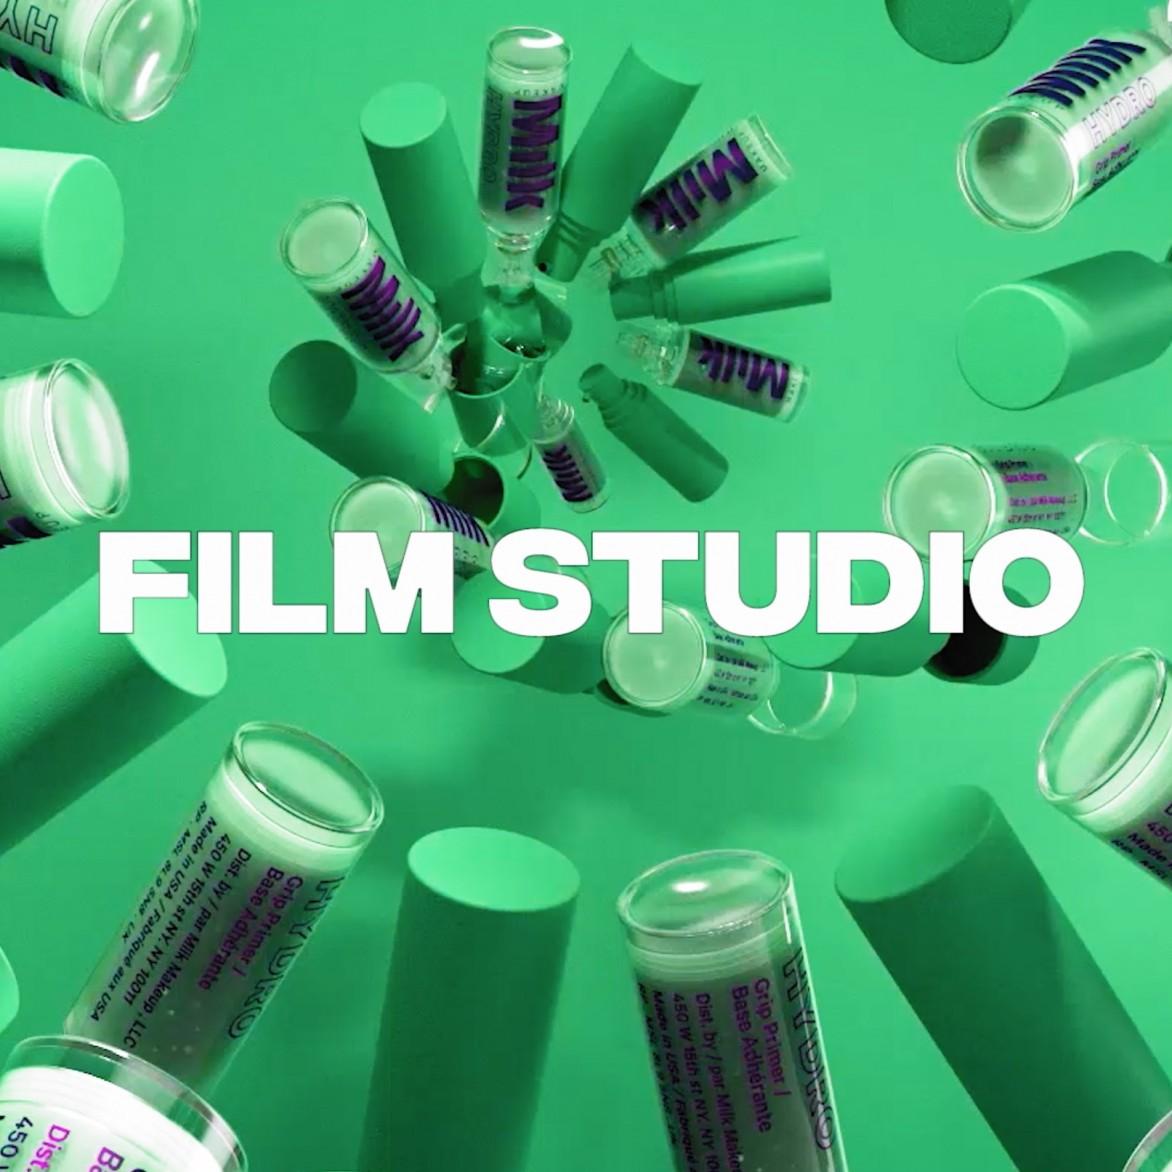 Sephora Film Studio